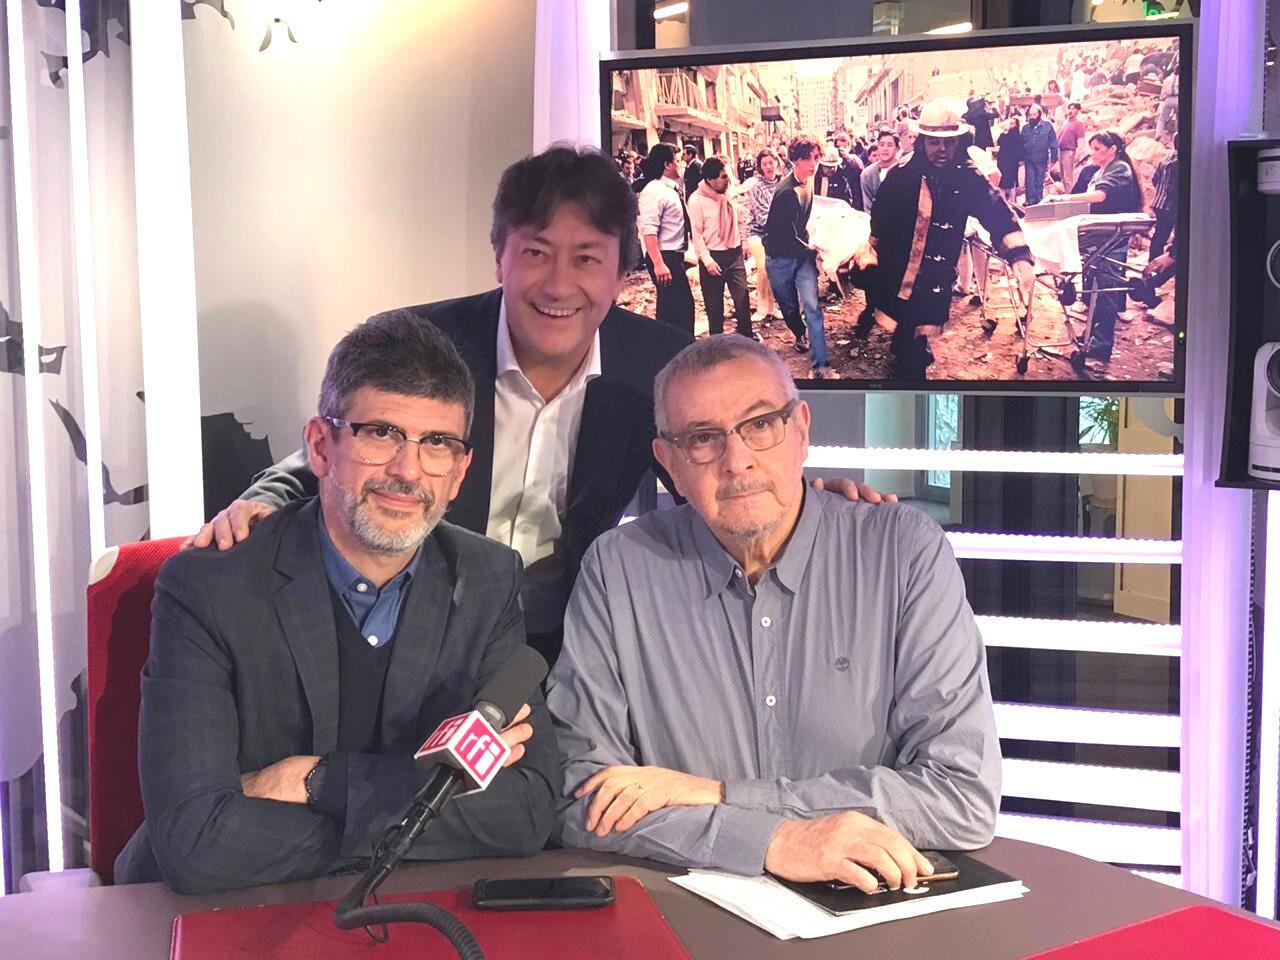 Julio Menajovsky y Elio Kapszuk con Jordi batalle en el estudio 51 de RFI